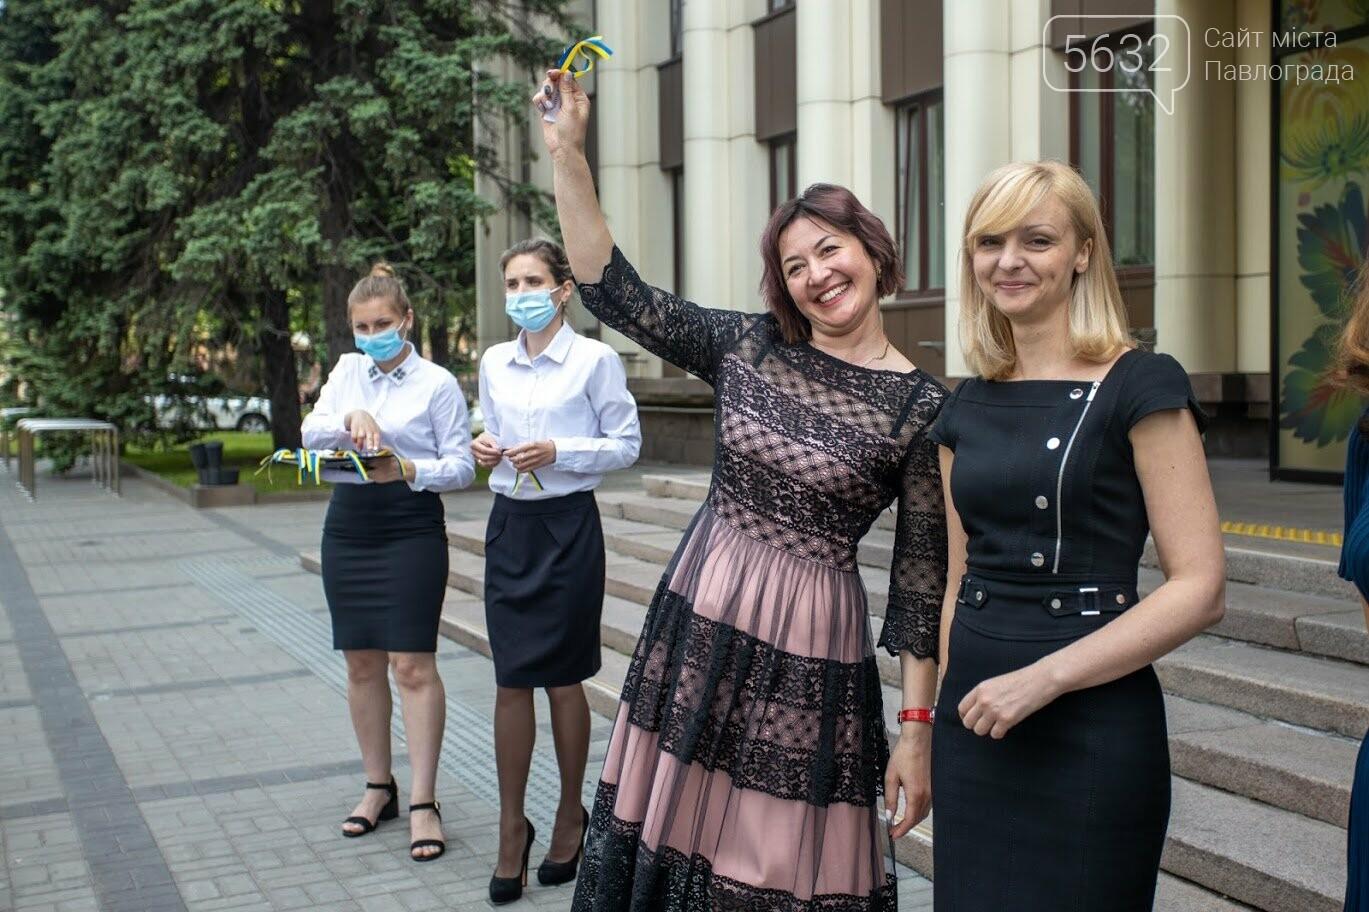 13 новых школьных автобусов отправились в сельские учебные учреждения Днепропетровщины (ФОТО), фото-3